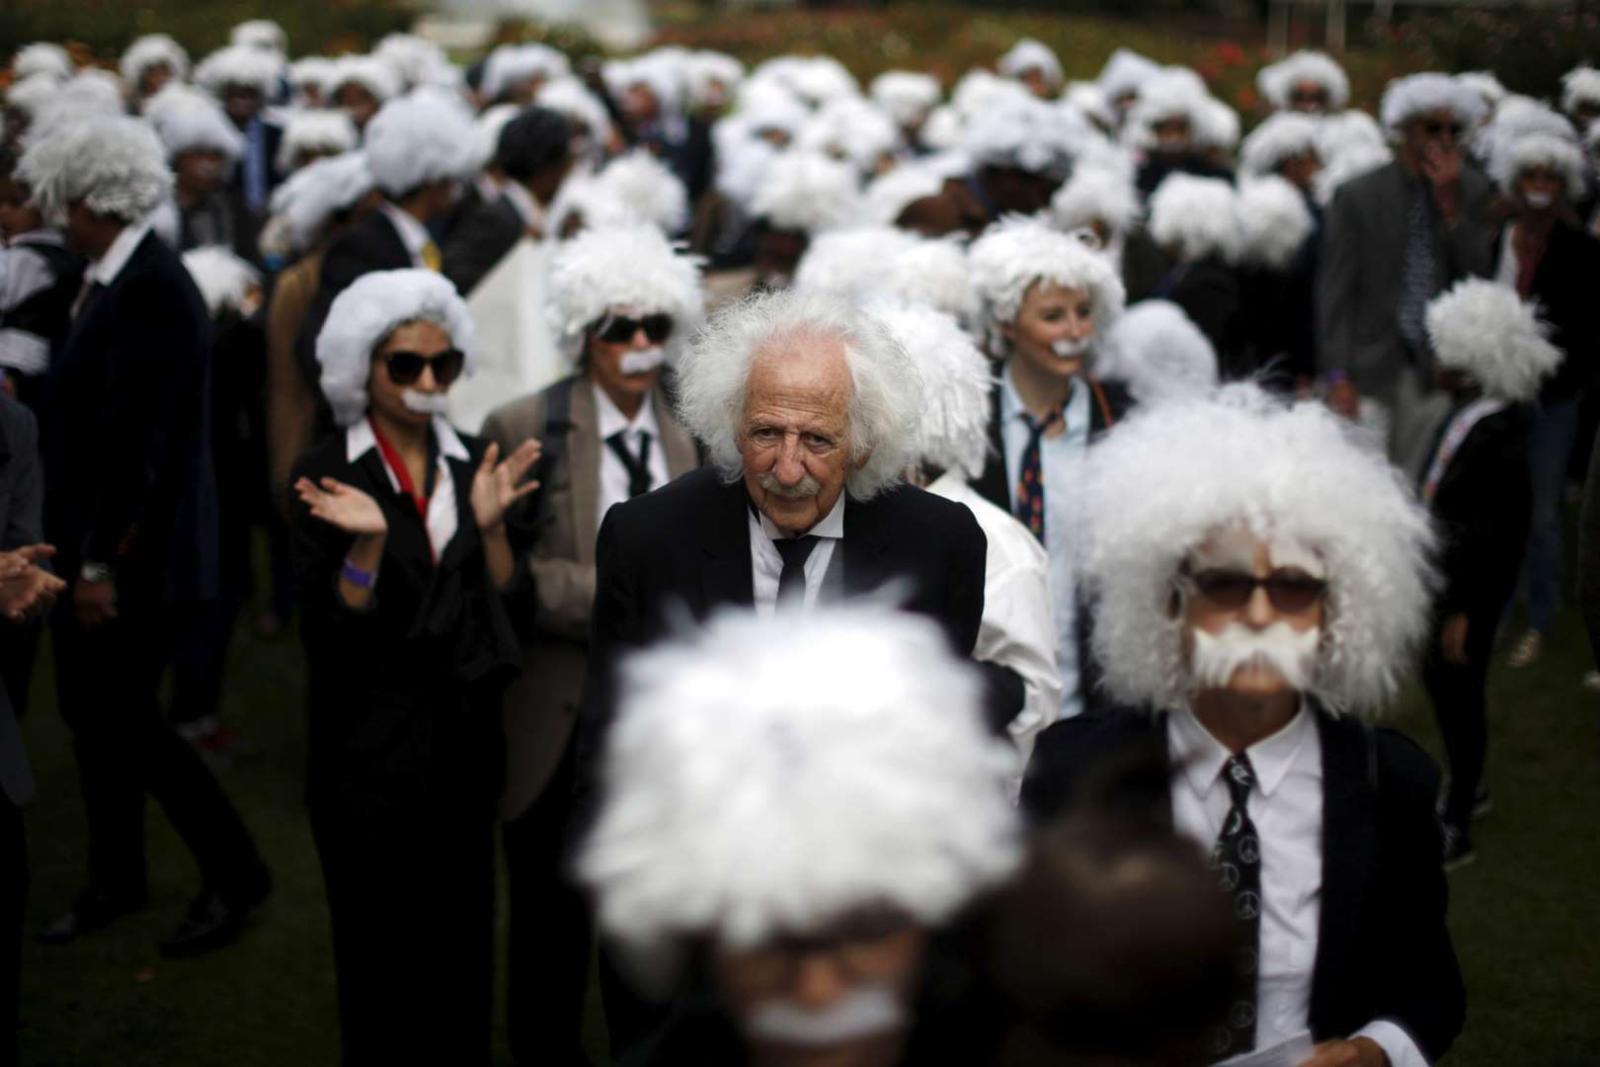 Benny Wasserman e altre persone mascherate da Albert Einstein nel tentativo di vincere il Guinness dei primati per il più grande raduno di finti Einstein, Los Angeles 2015). Credit: Reuters.